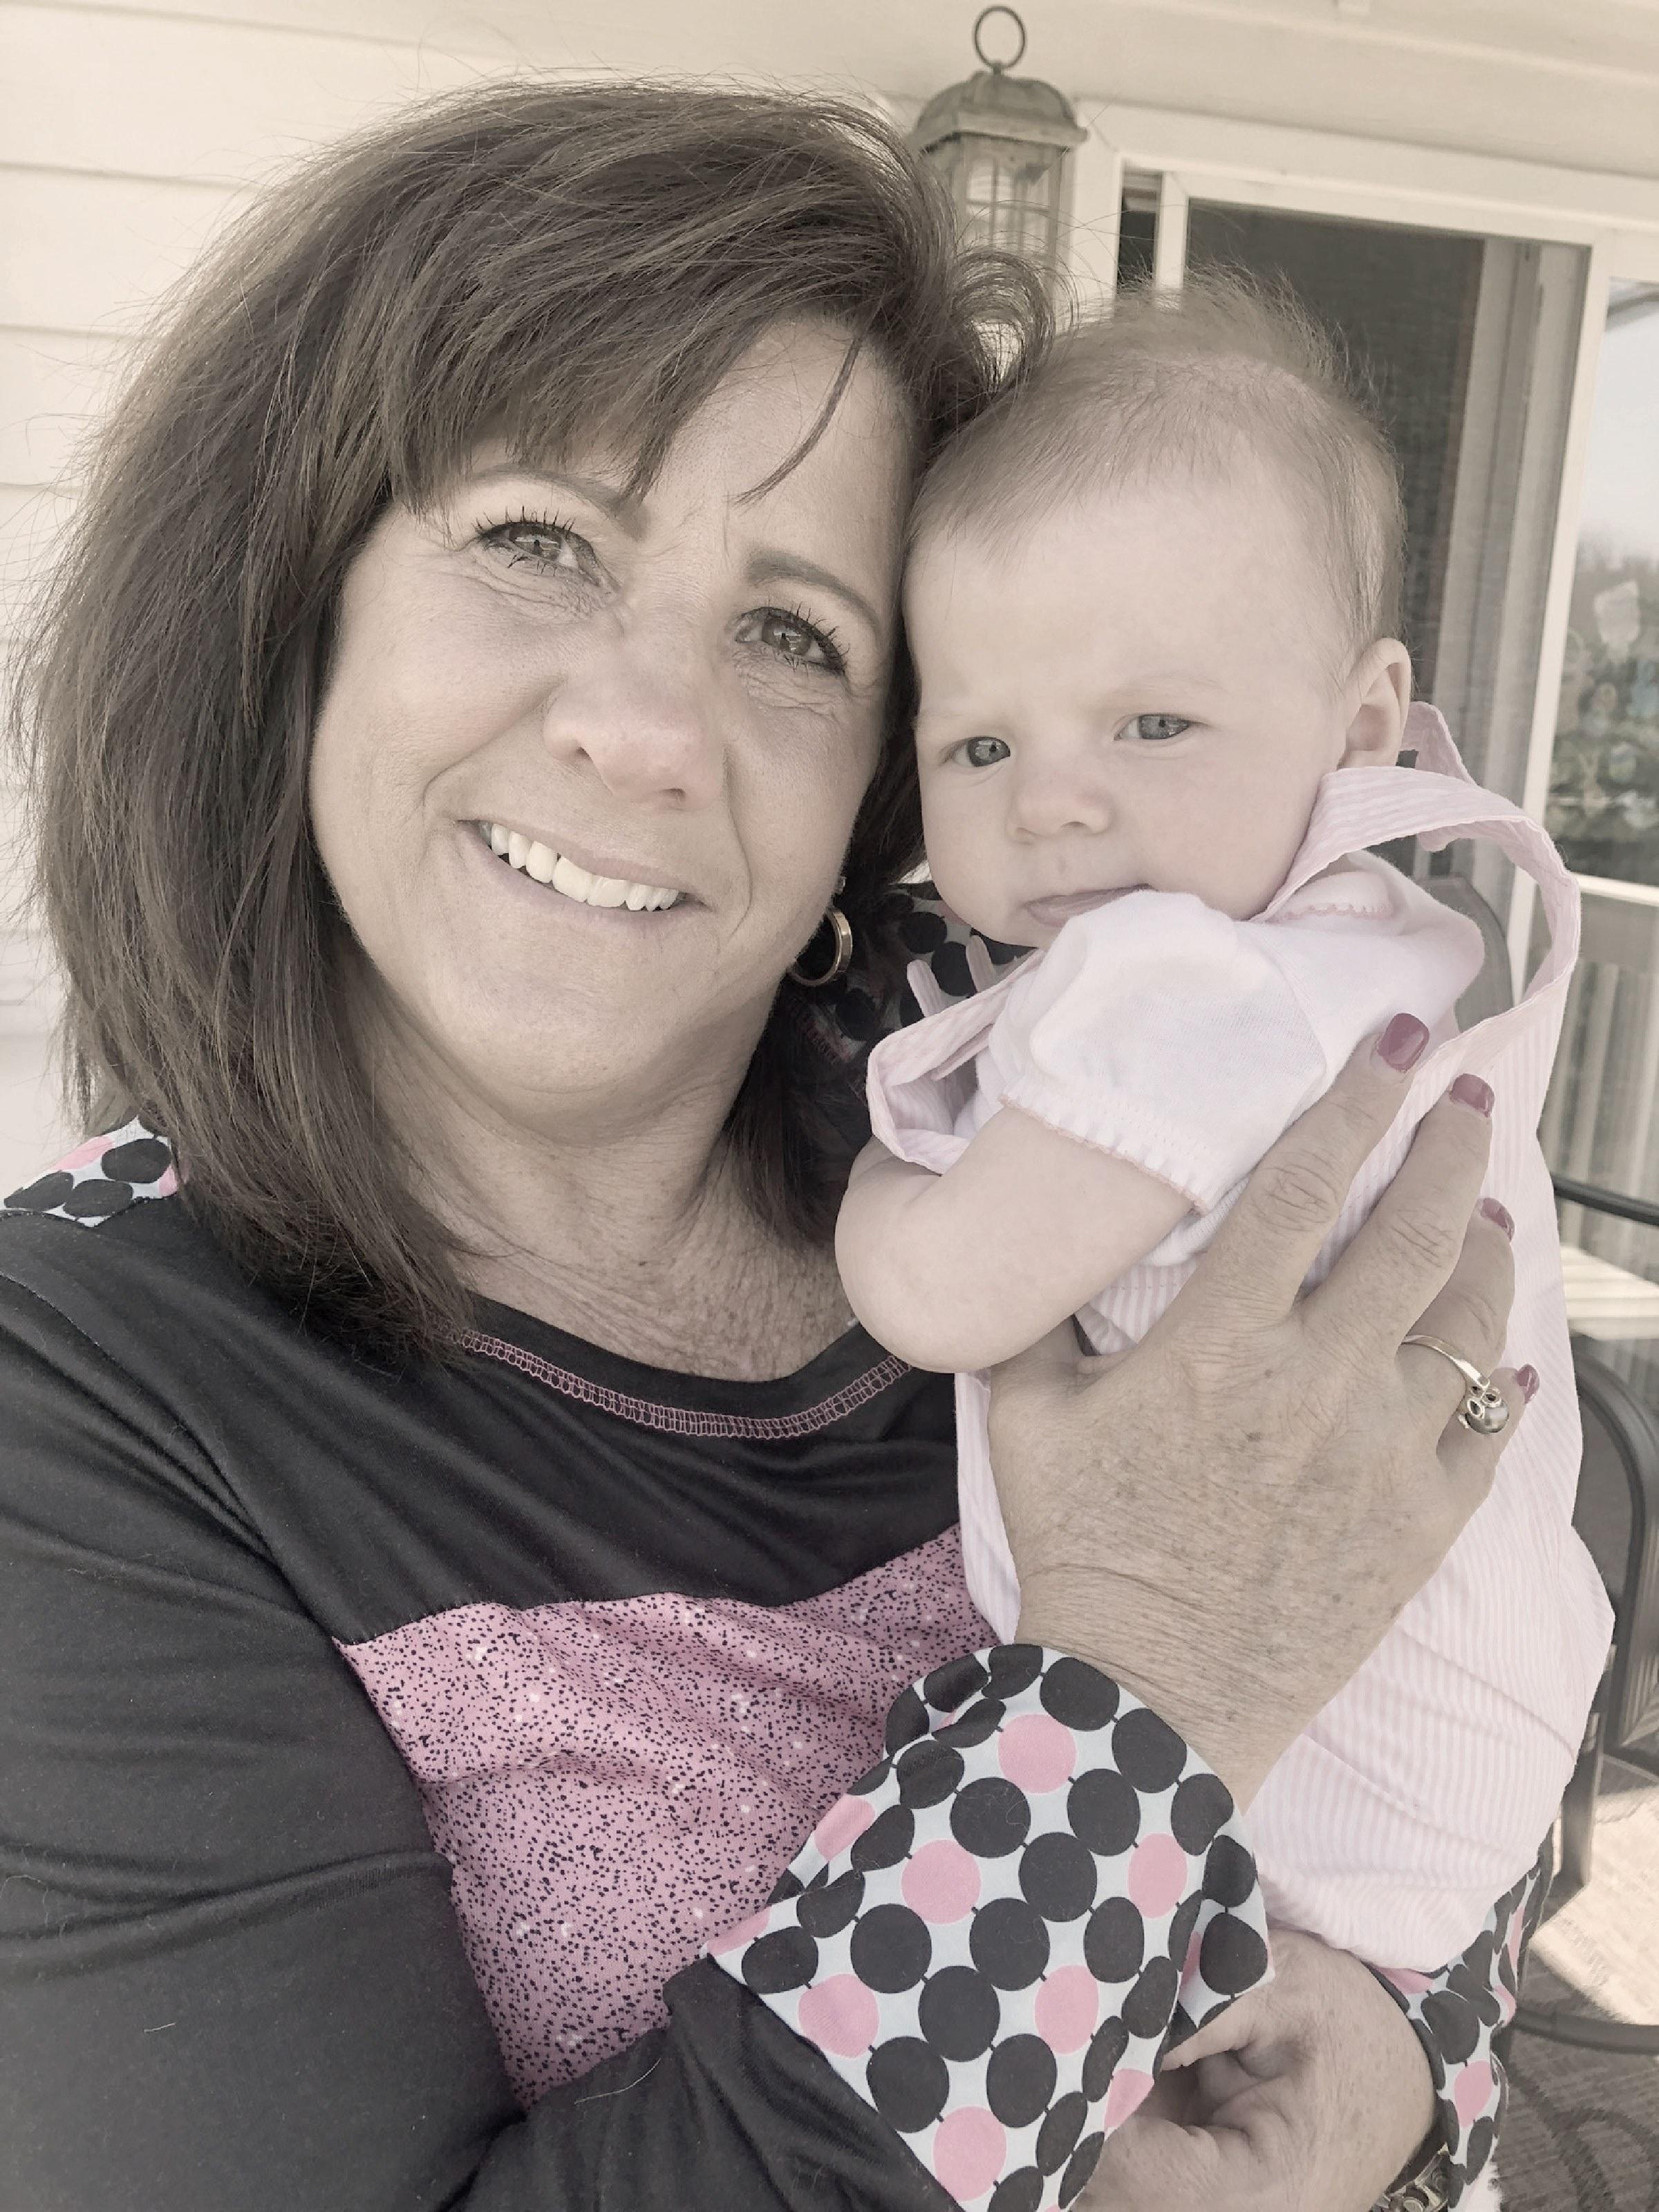 LaVonne Kosmen with her grandchild.